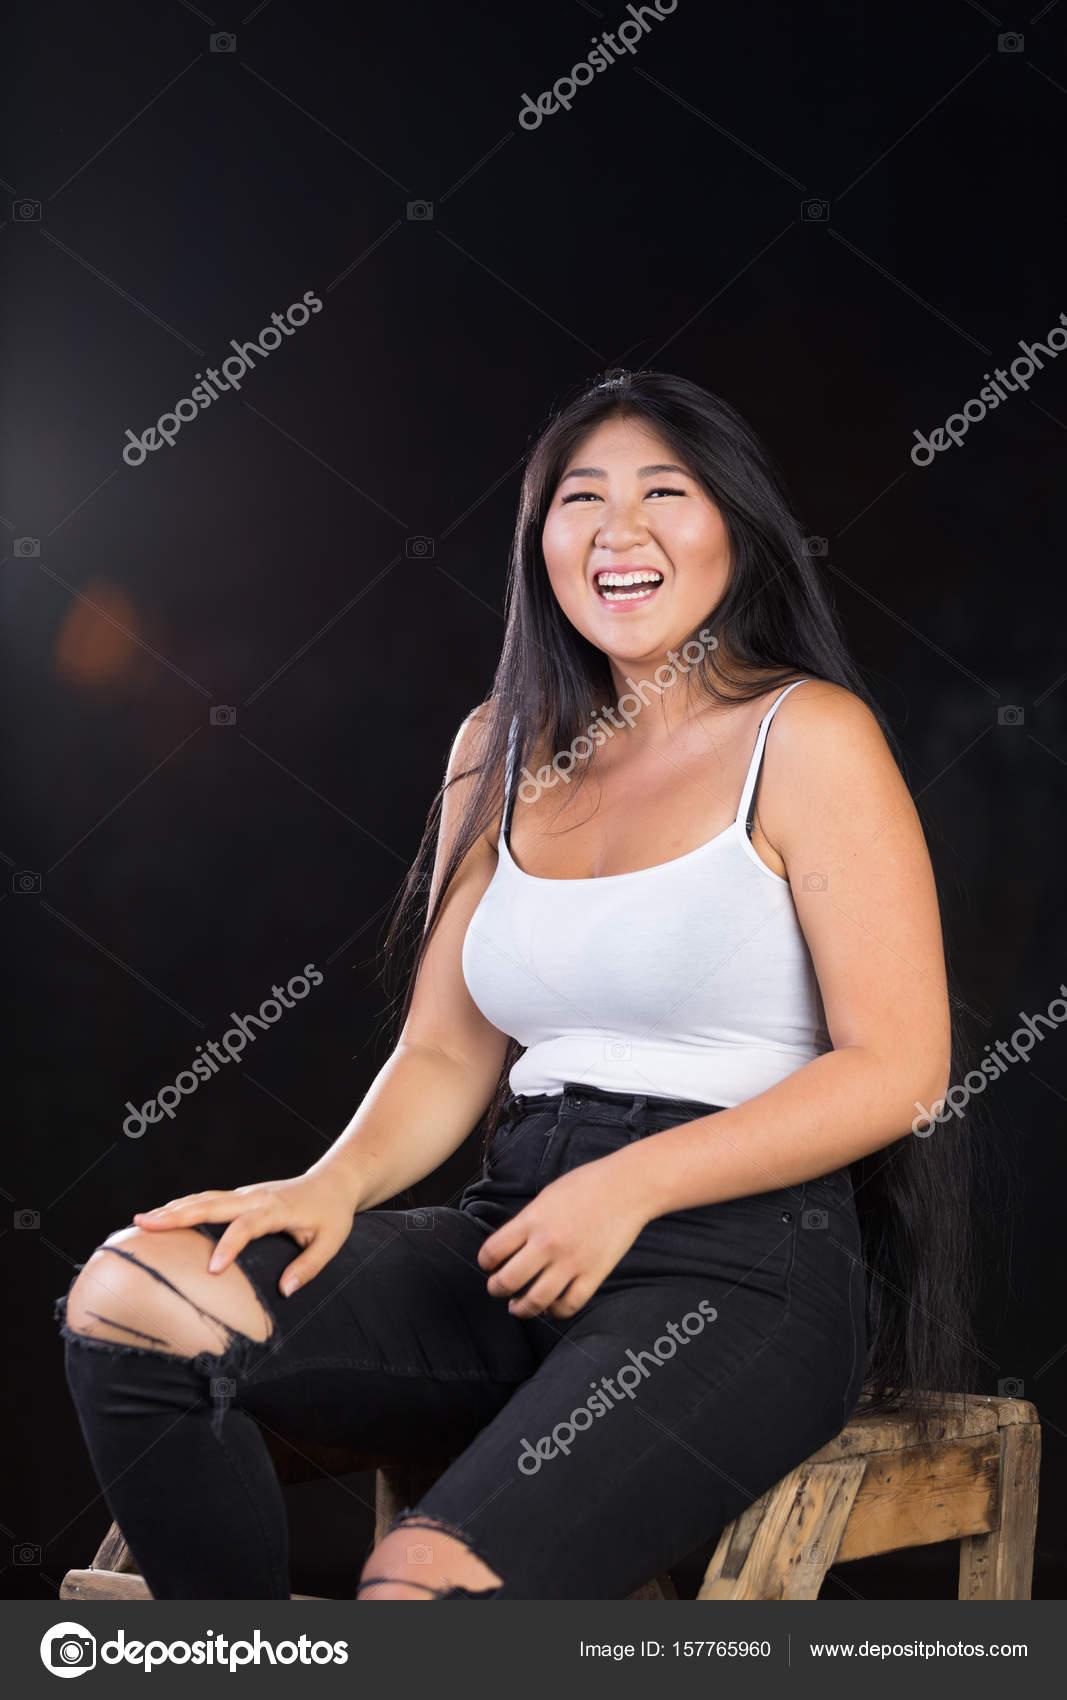 große kurvige asiatische